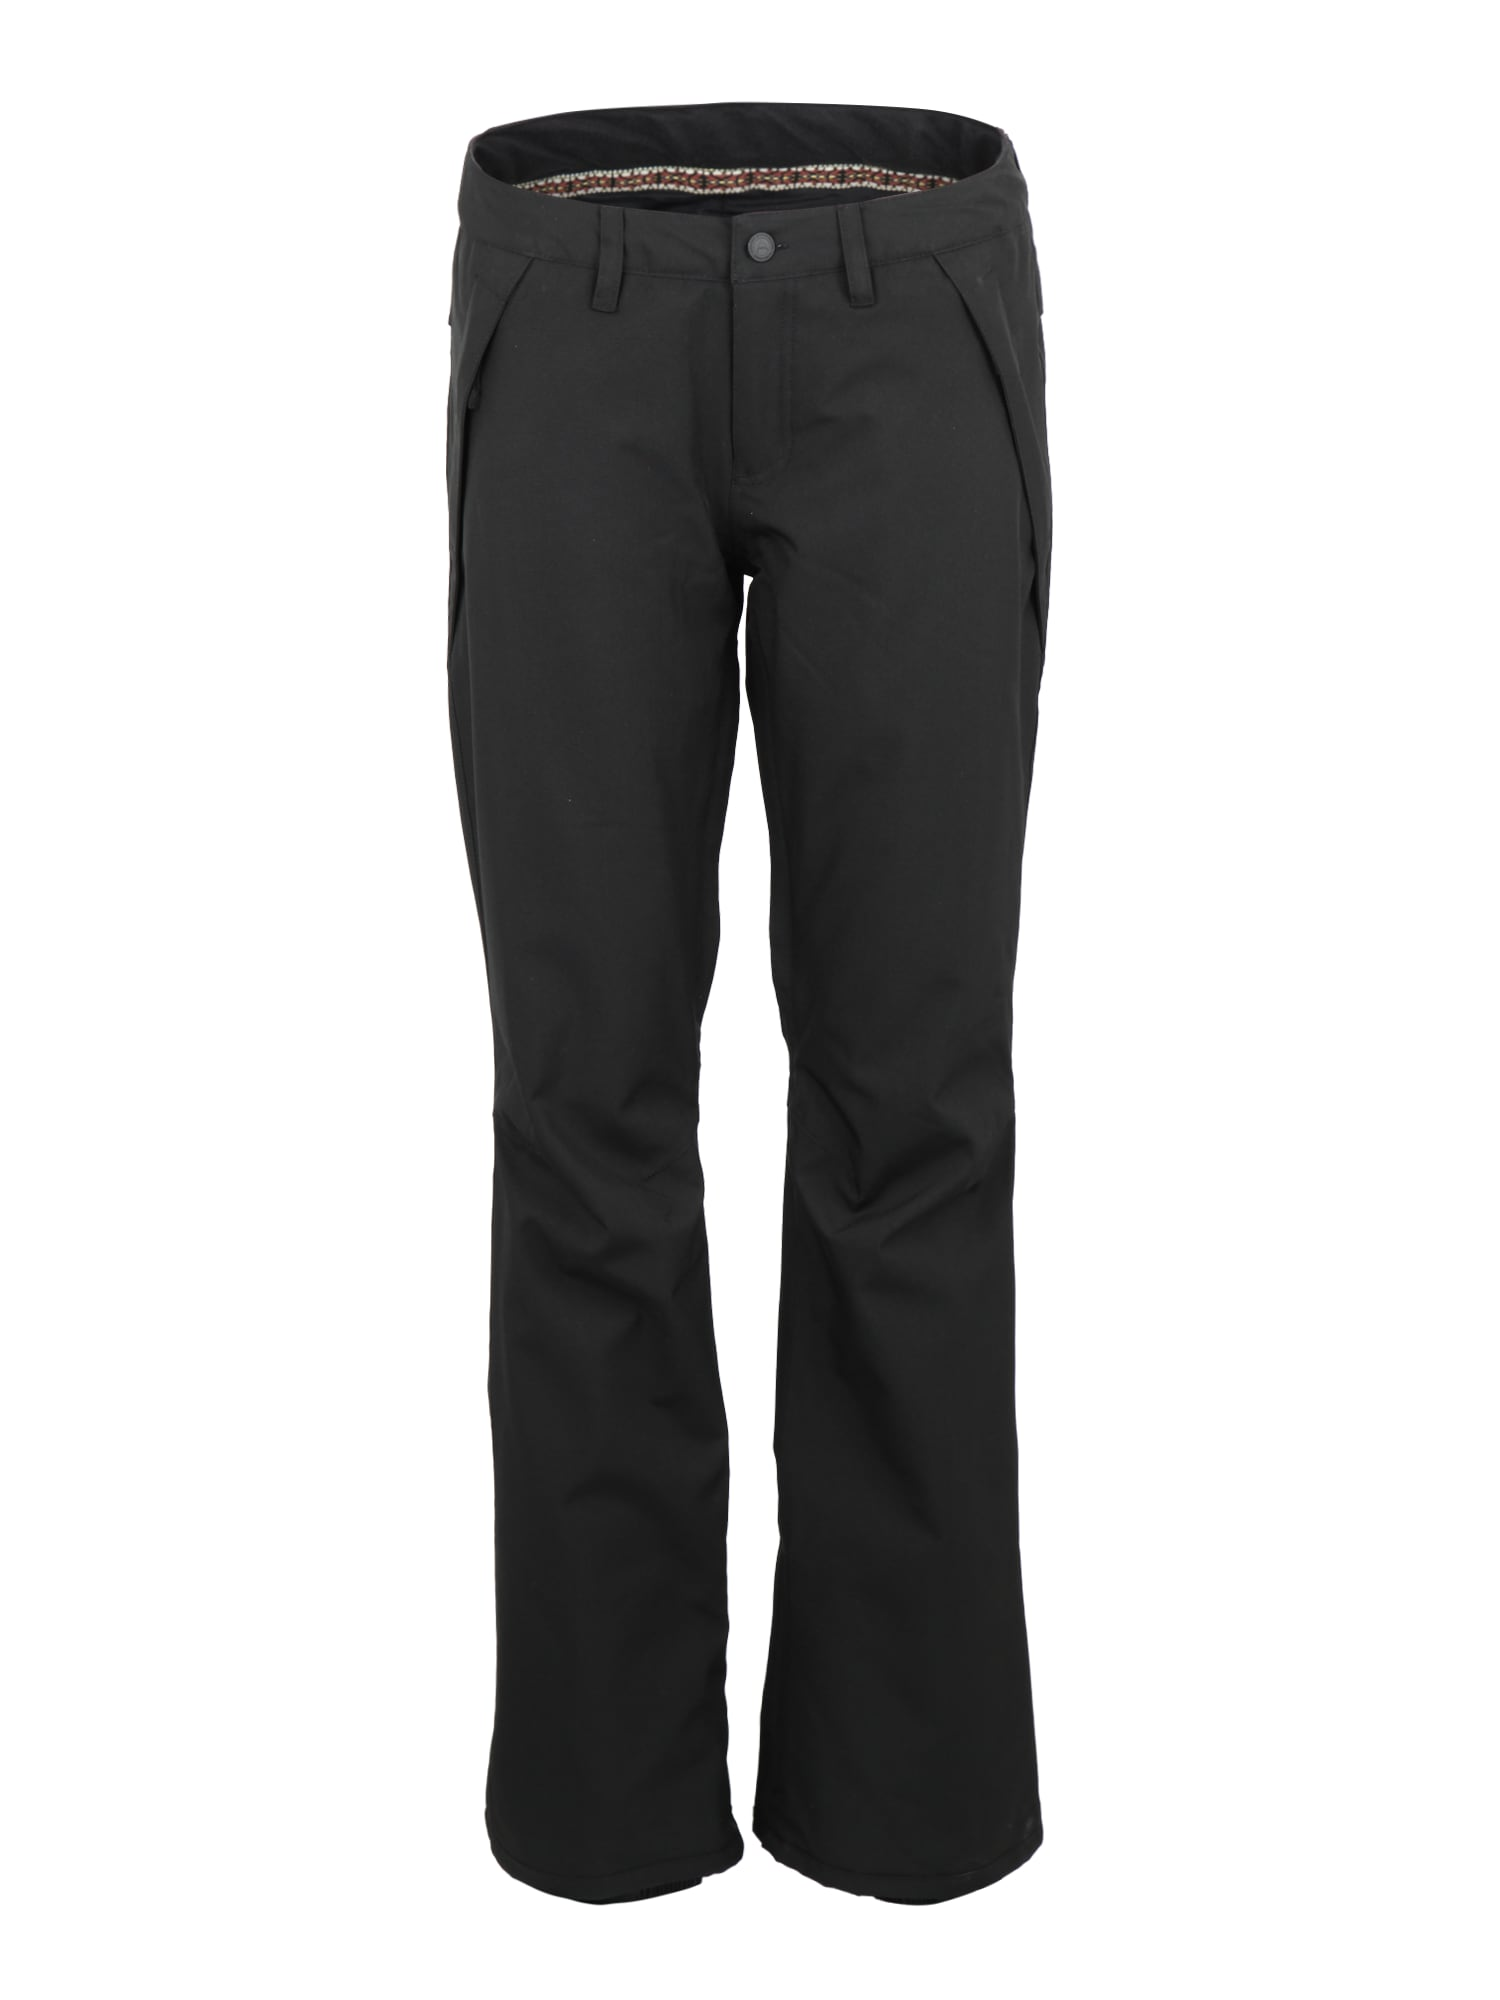 Outdoorové kalhoty SOCIETY černá BURTON